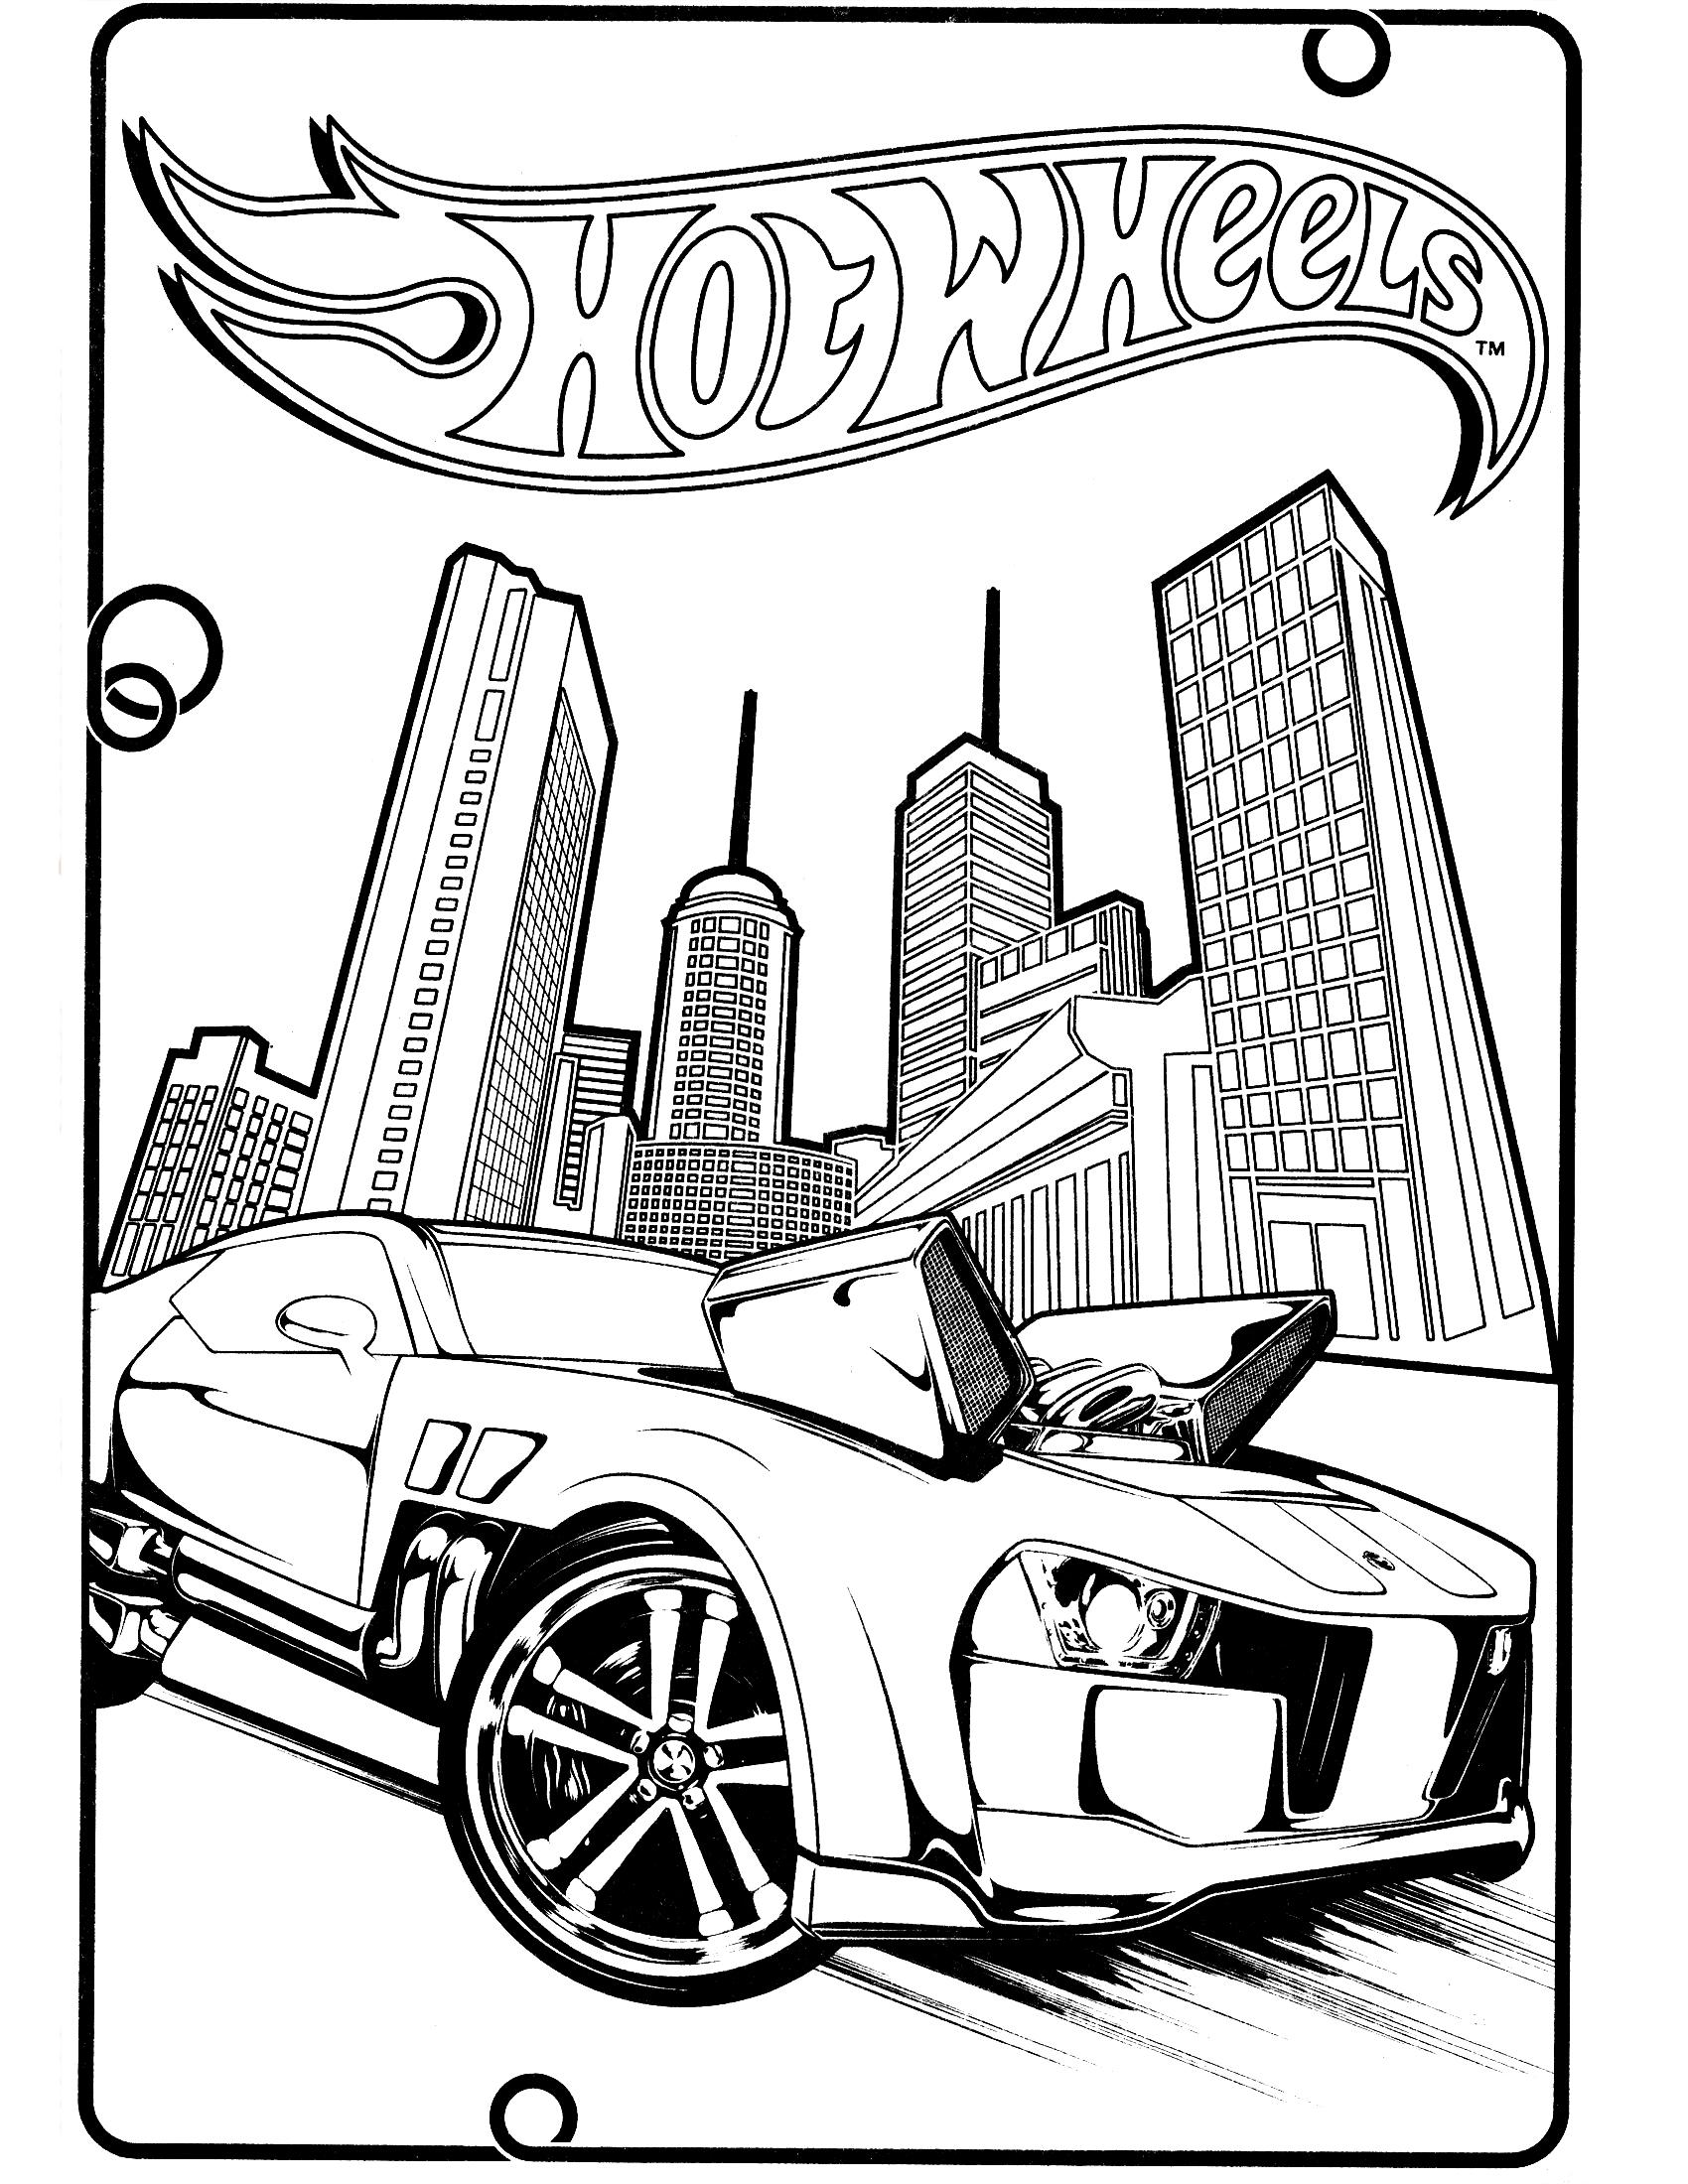 hot wheels coloring sheets free printable hot wheels coloring pages for kids sheets coloring hot wheels